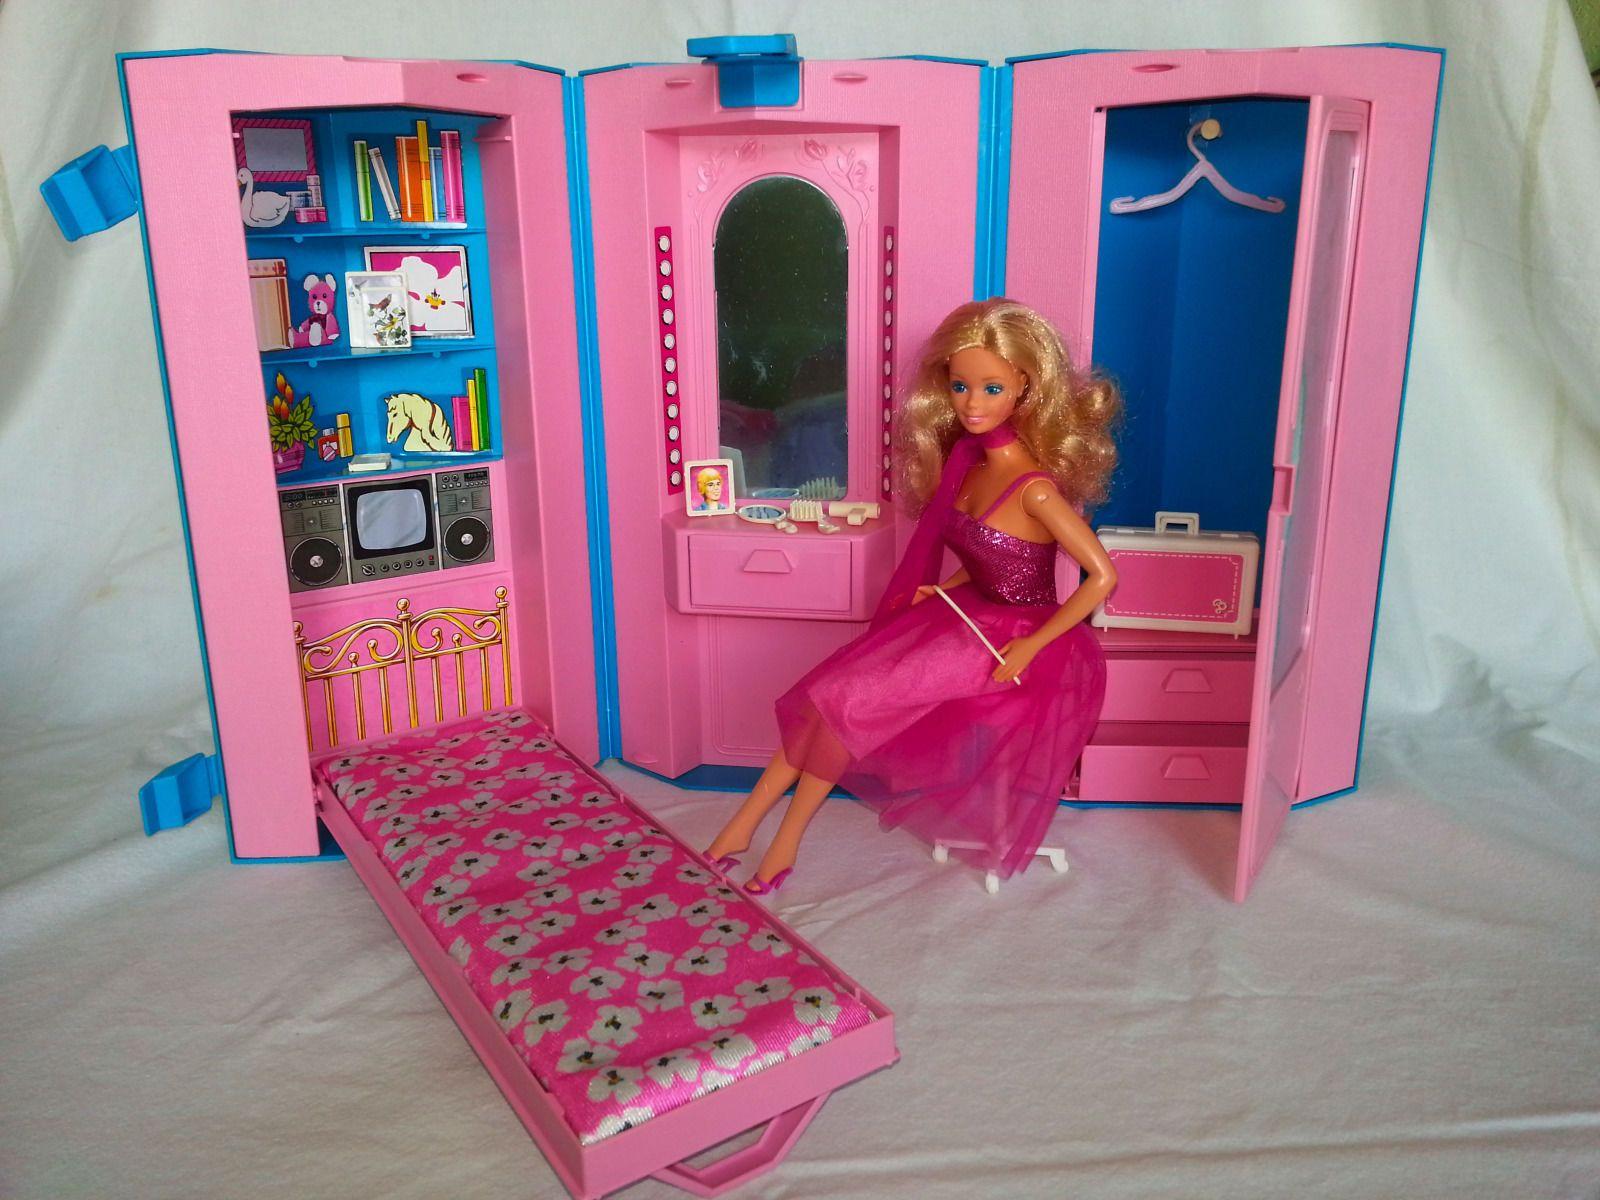 Vintage 1984 Barbie Home Office Playset Barbie Houses Barbie